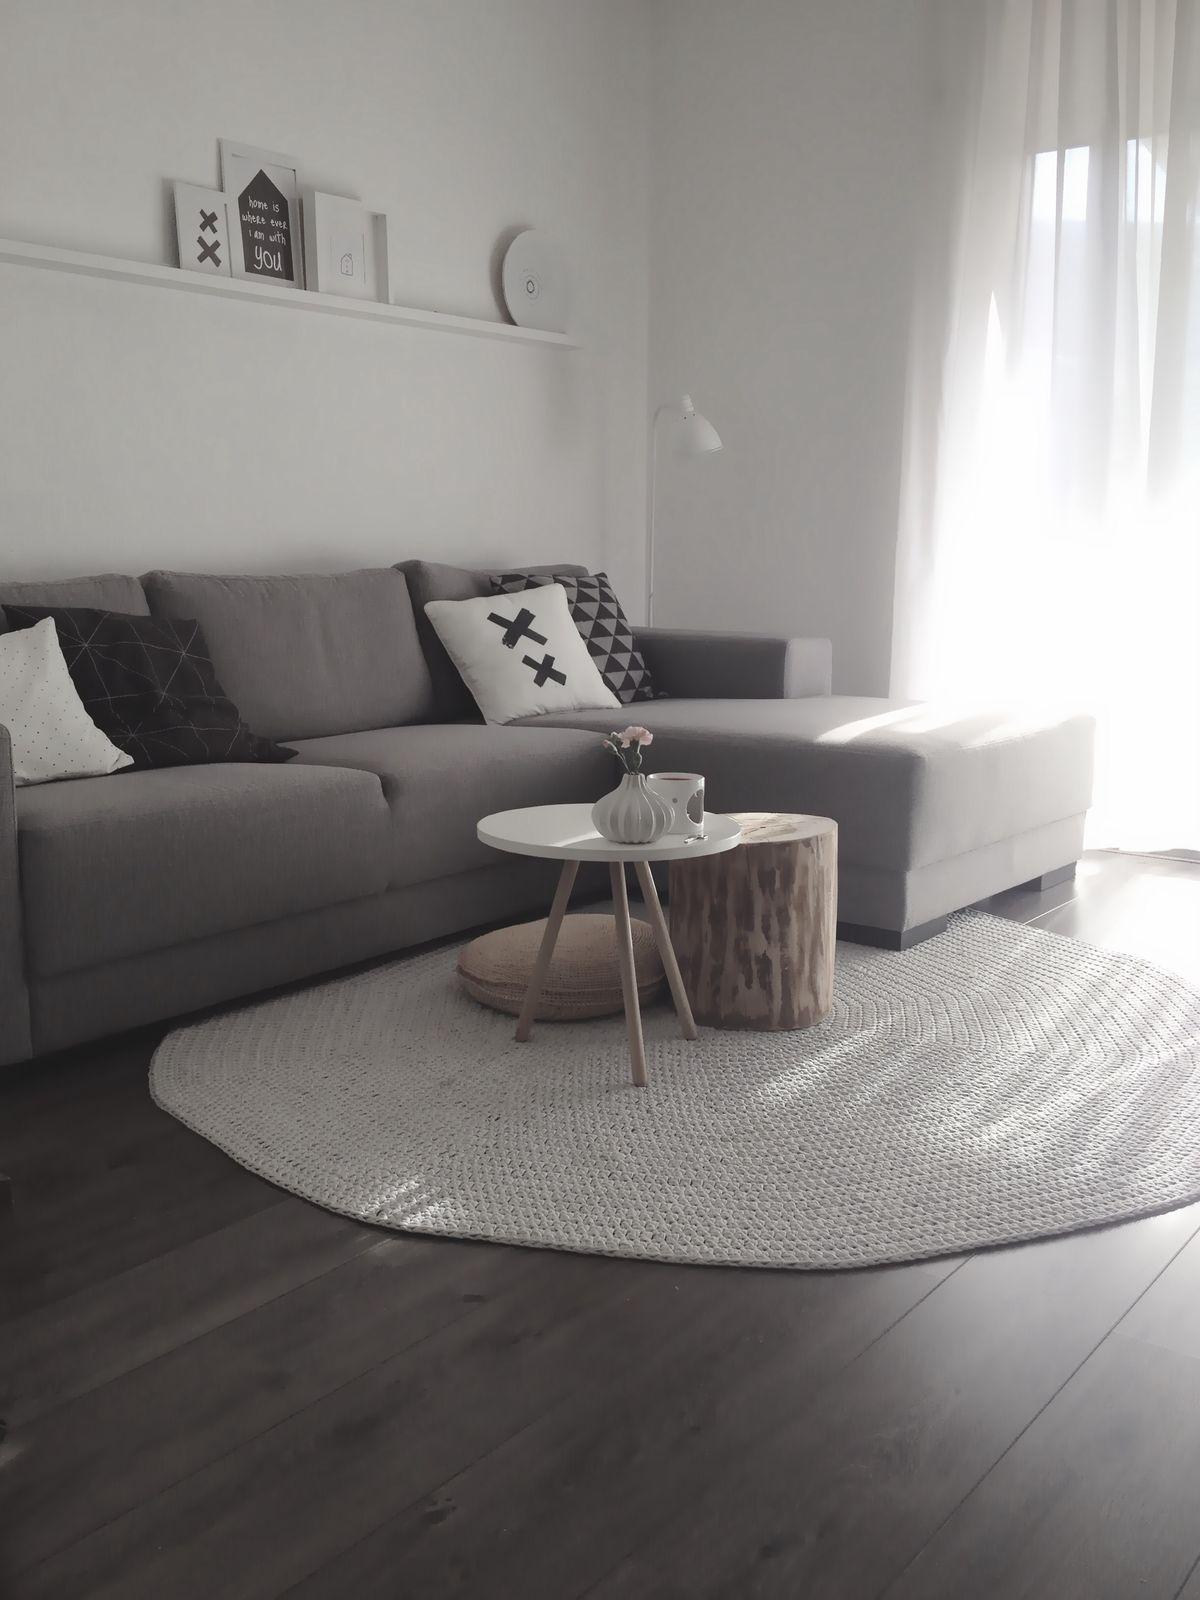 Leuk idee bank tafeltje poef | woonkamer | Pinterest | Wohnzimmer ...